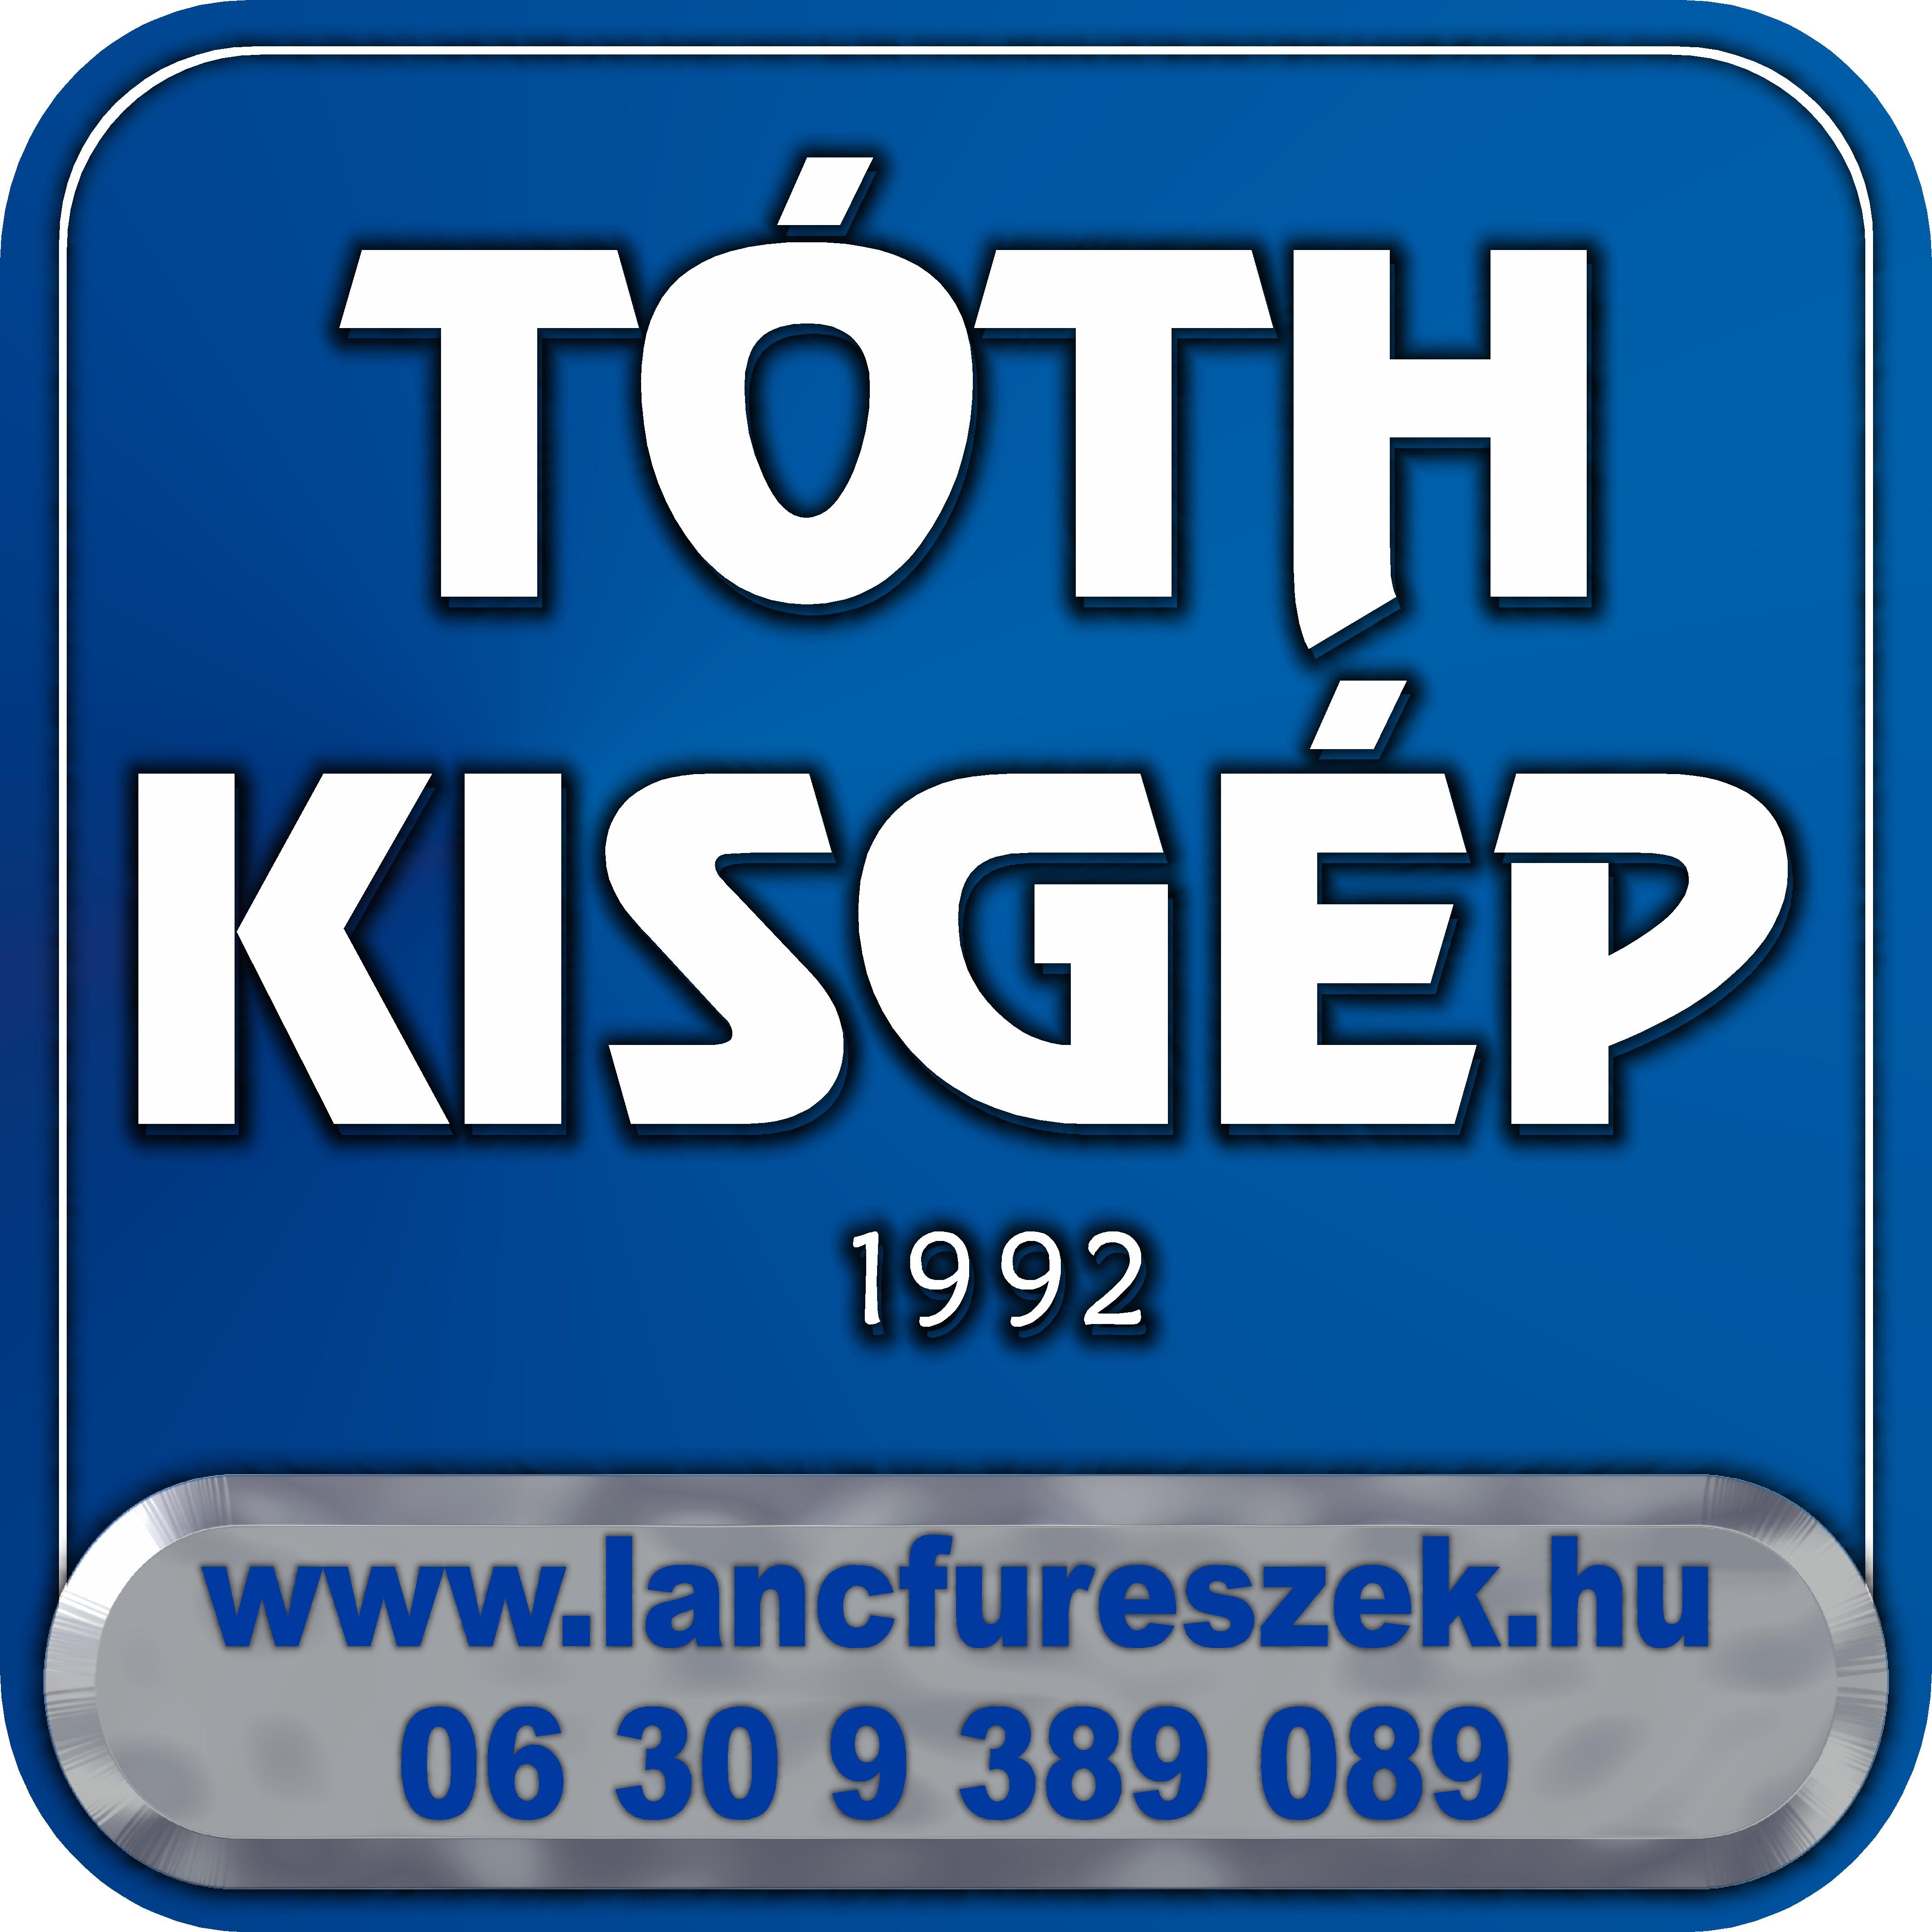 Tóth Kisgép - Szaküzlet- Kölcsönző - Szerviz Logo